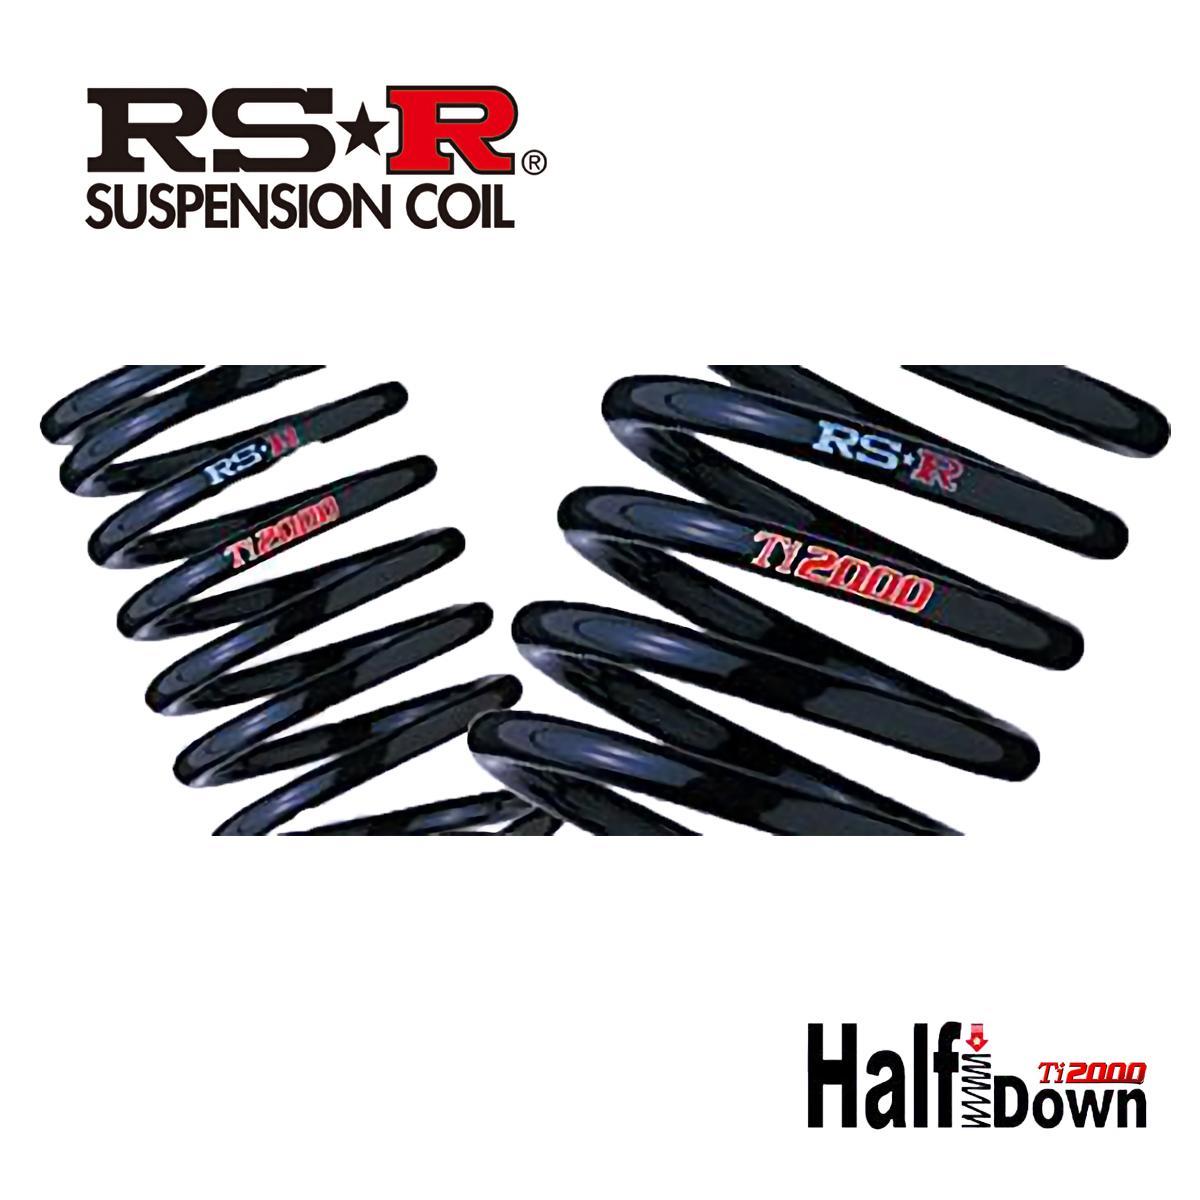 RS-R CX-3 CX3 DK8FW XDプロアクティブ Sパッケージ ダウンサス スプリング フロント M402THDF Ti2000 ハーフダウン RSR 個人宅発送追金有